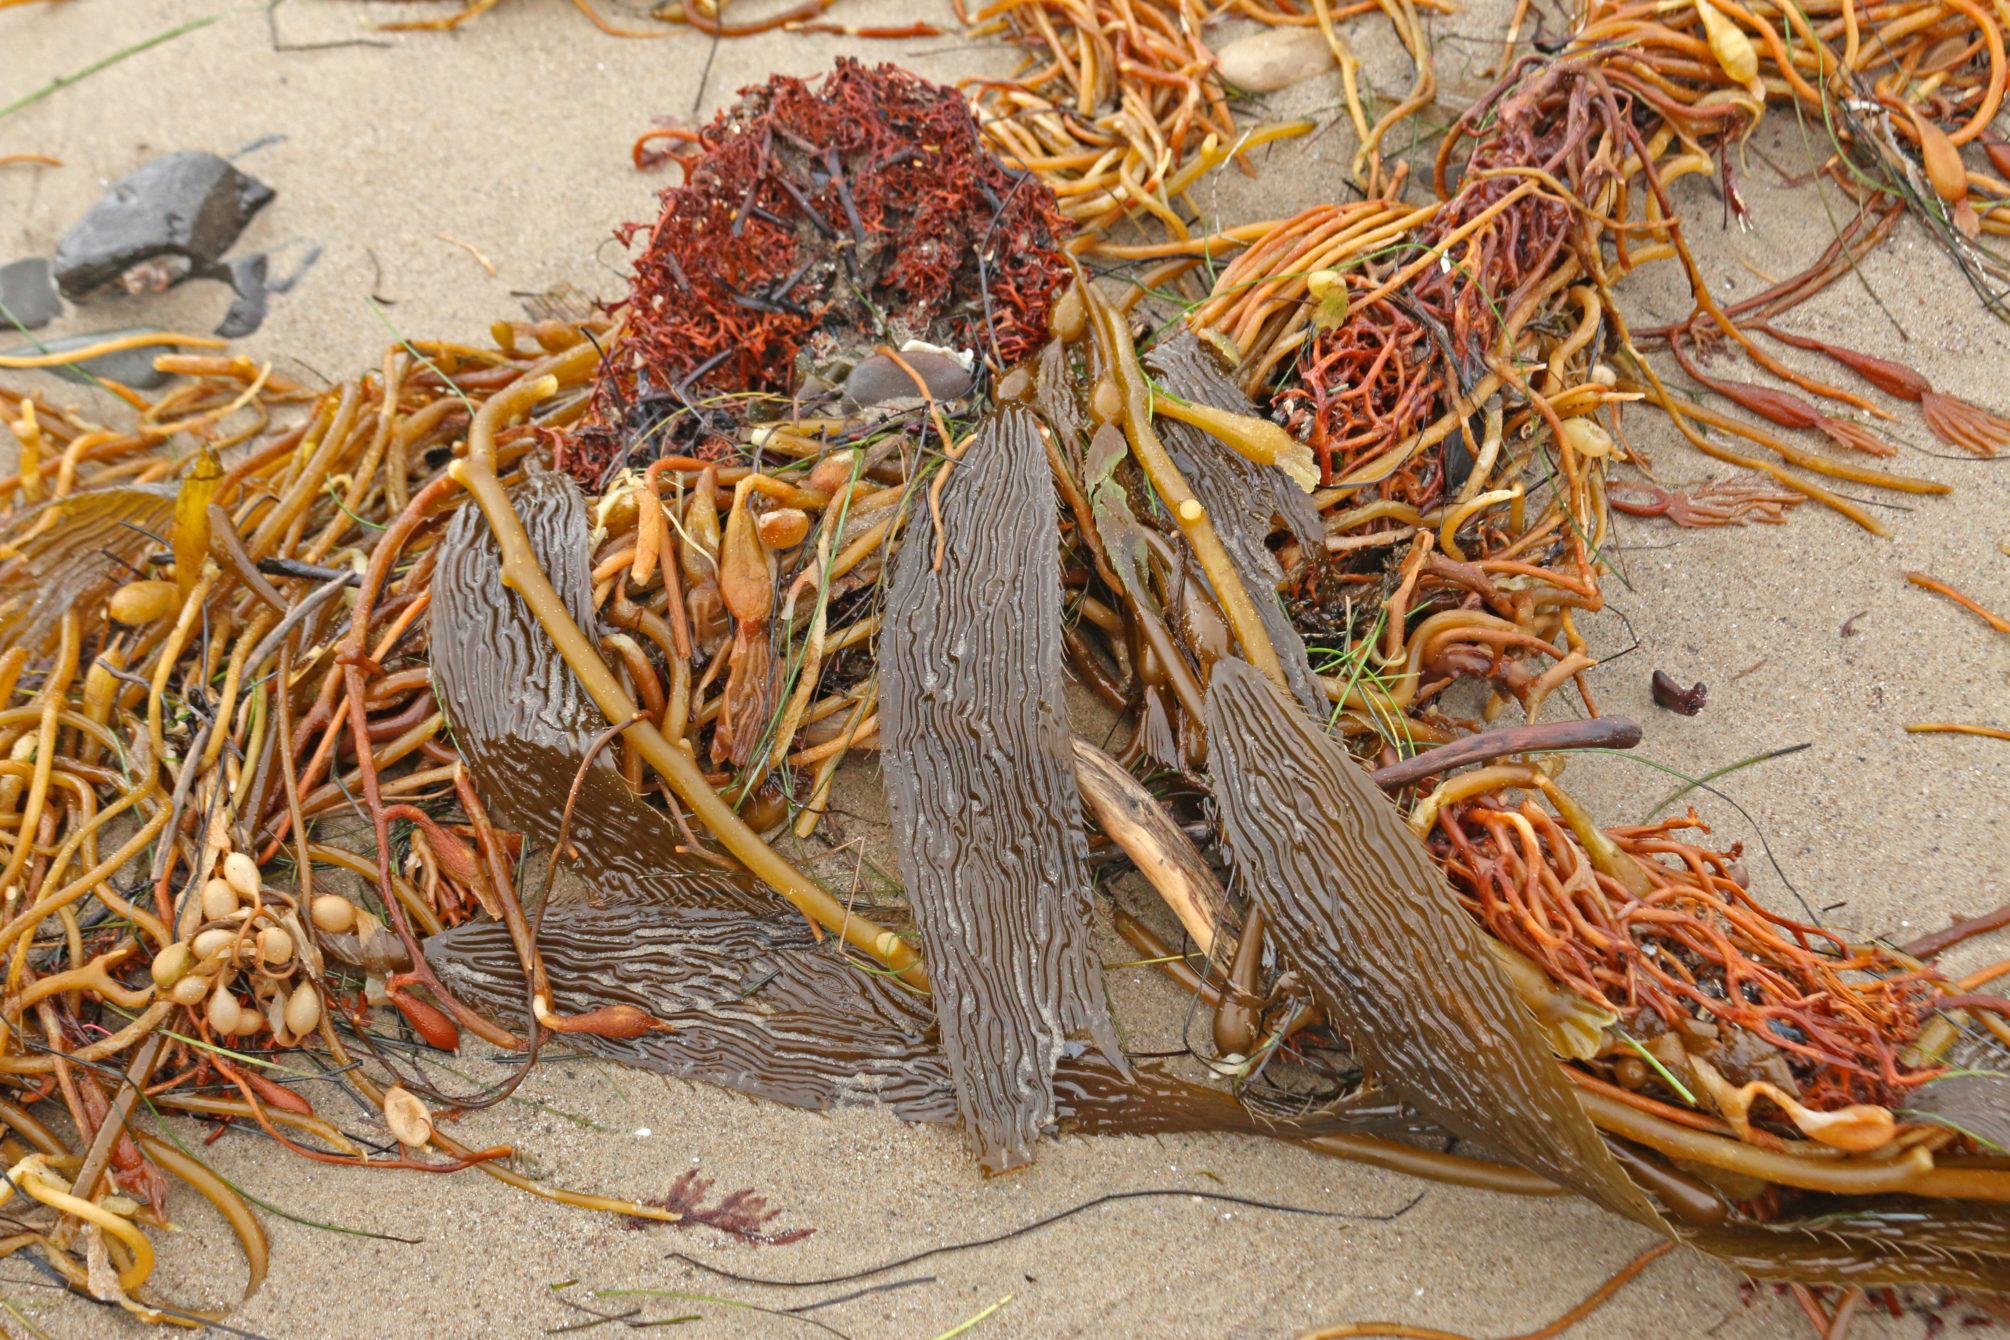 Close up of kelp fronds